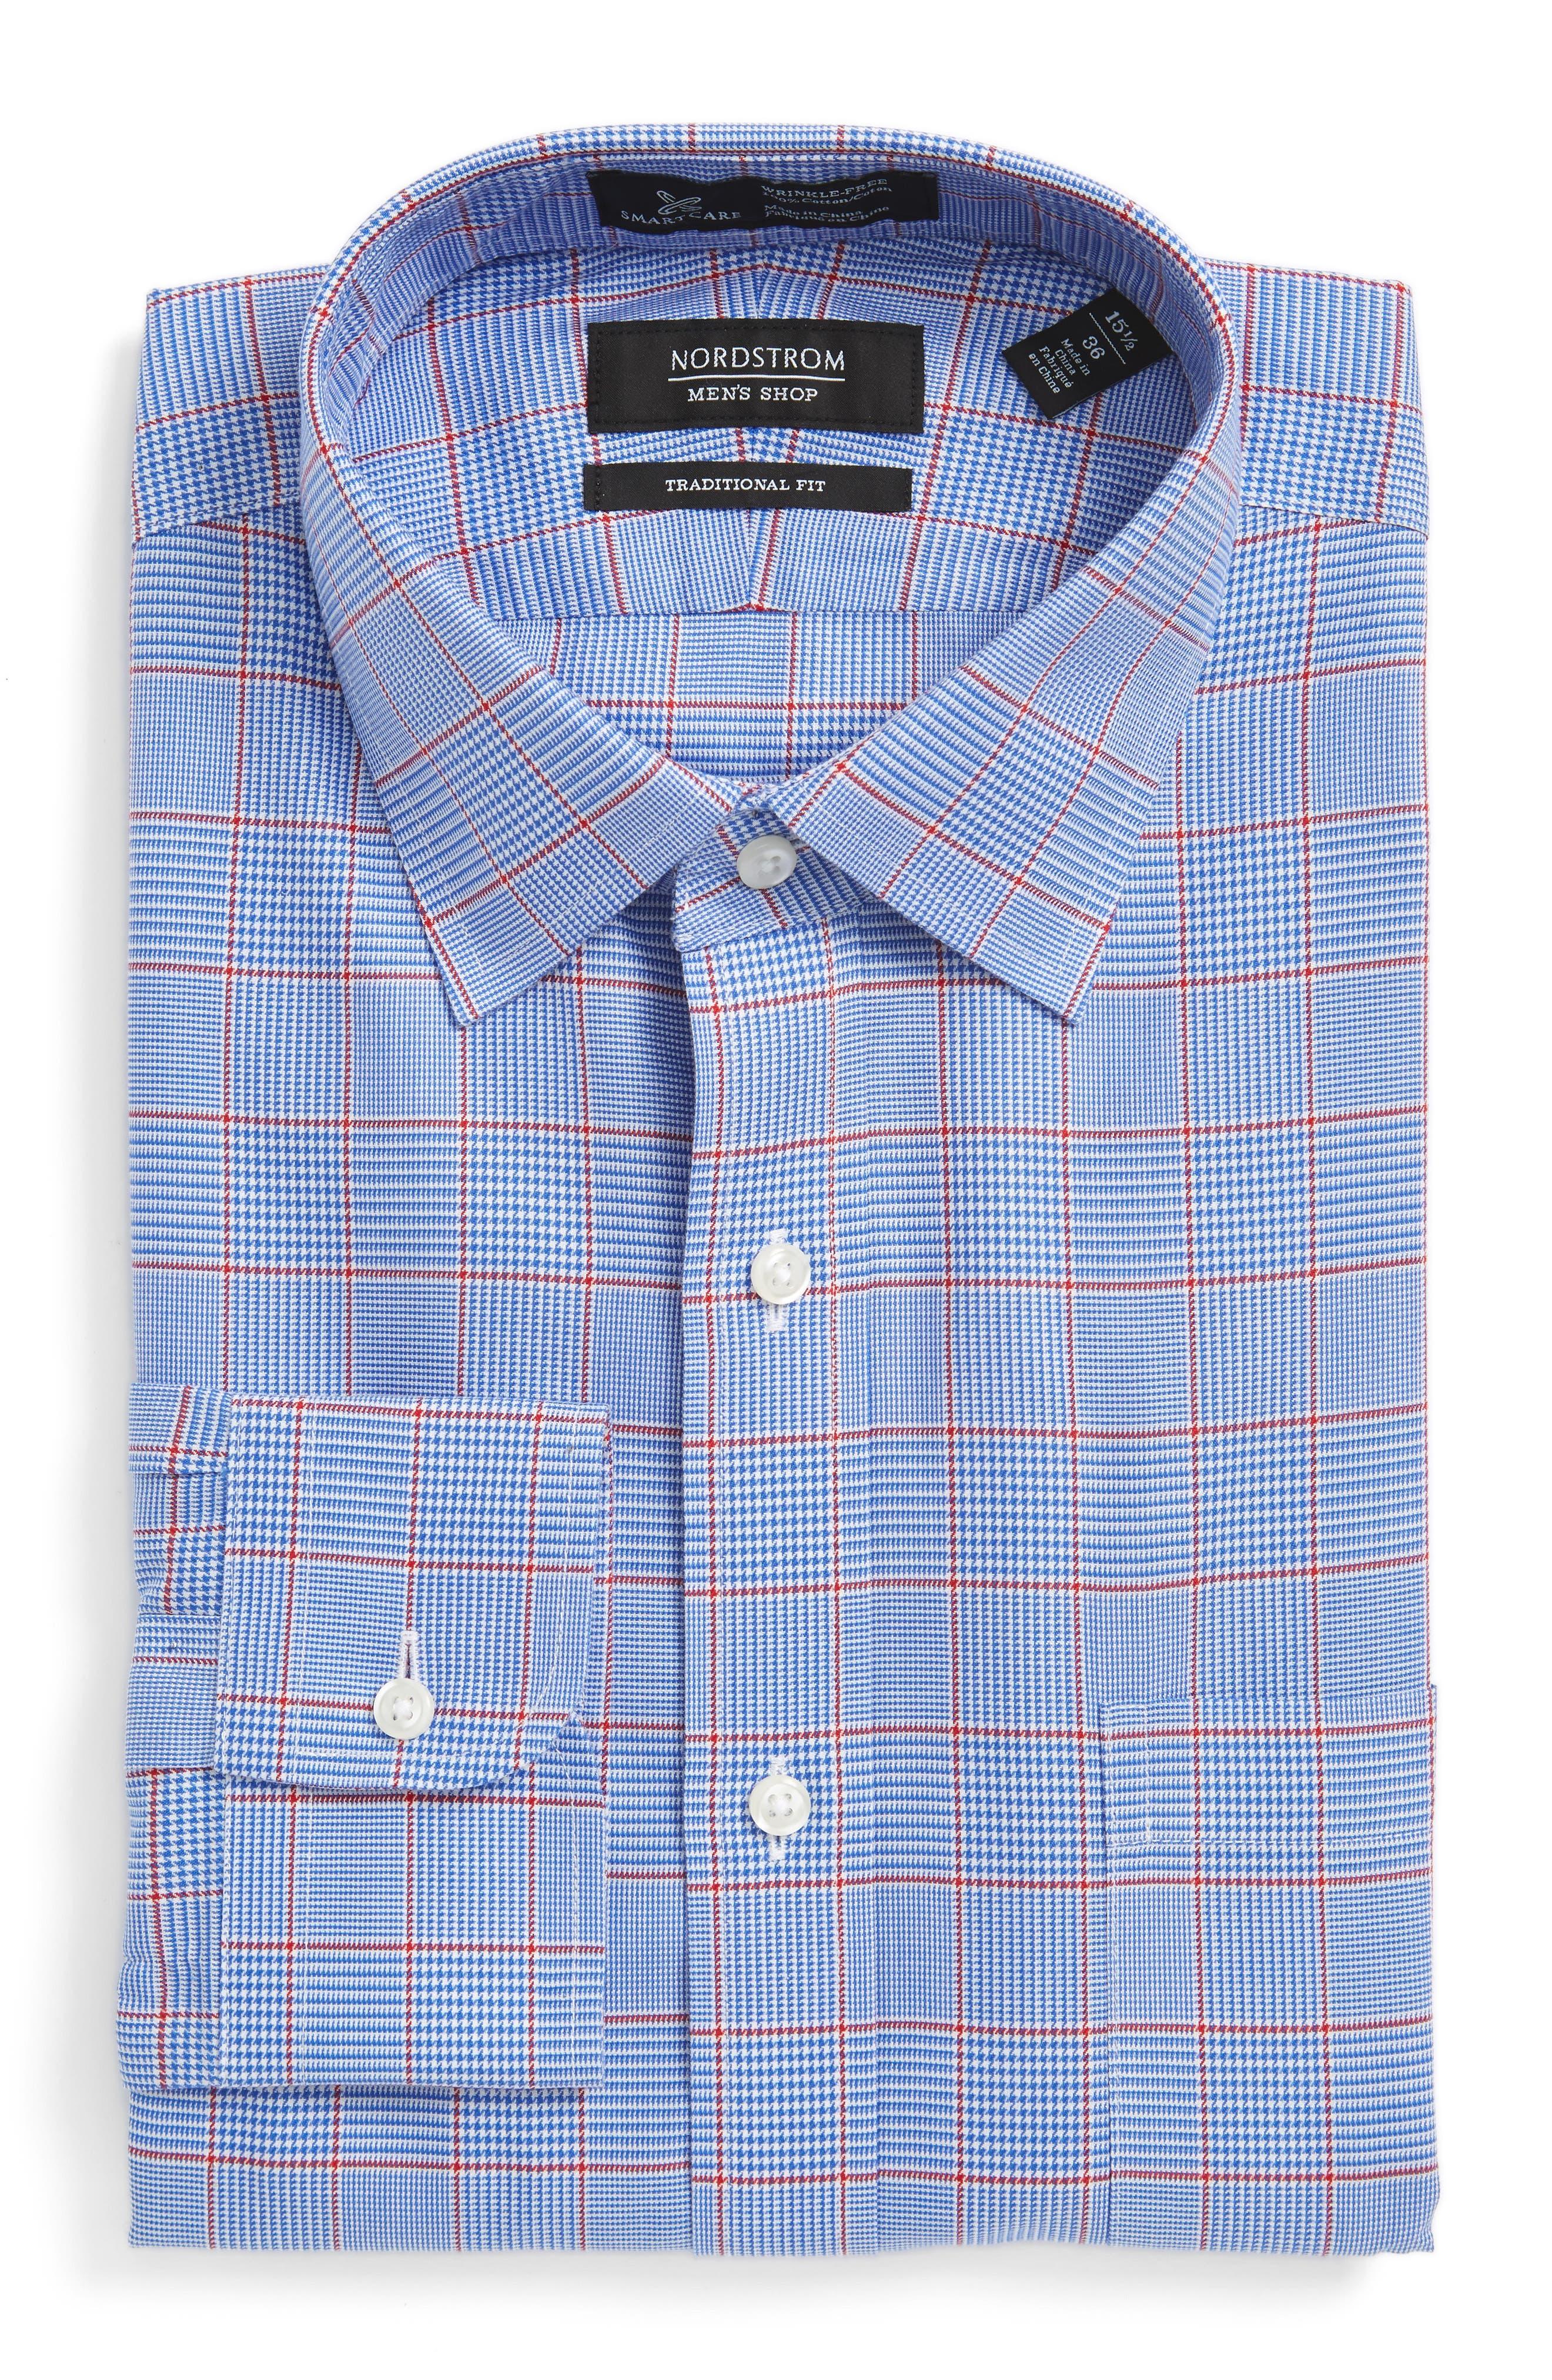 Nordstrom Men's Shop Smartcare™ Traditional Fit Plaid Dress Shirt